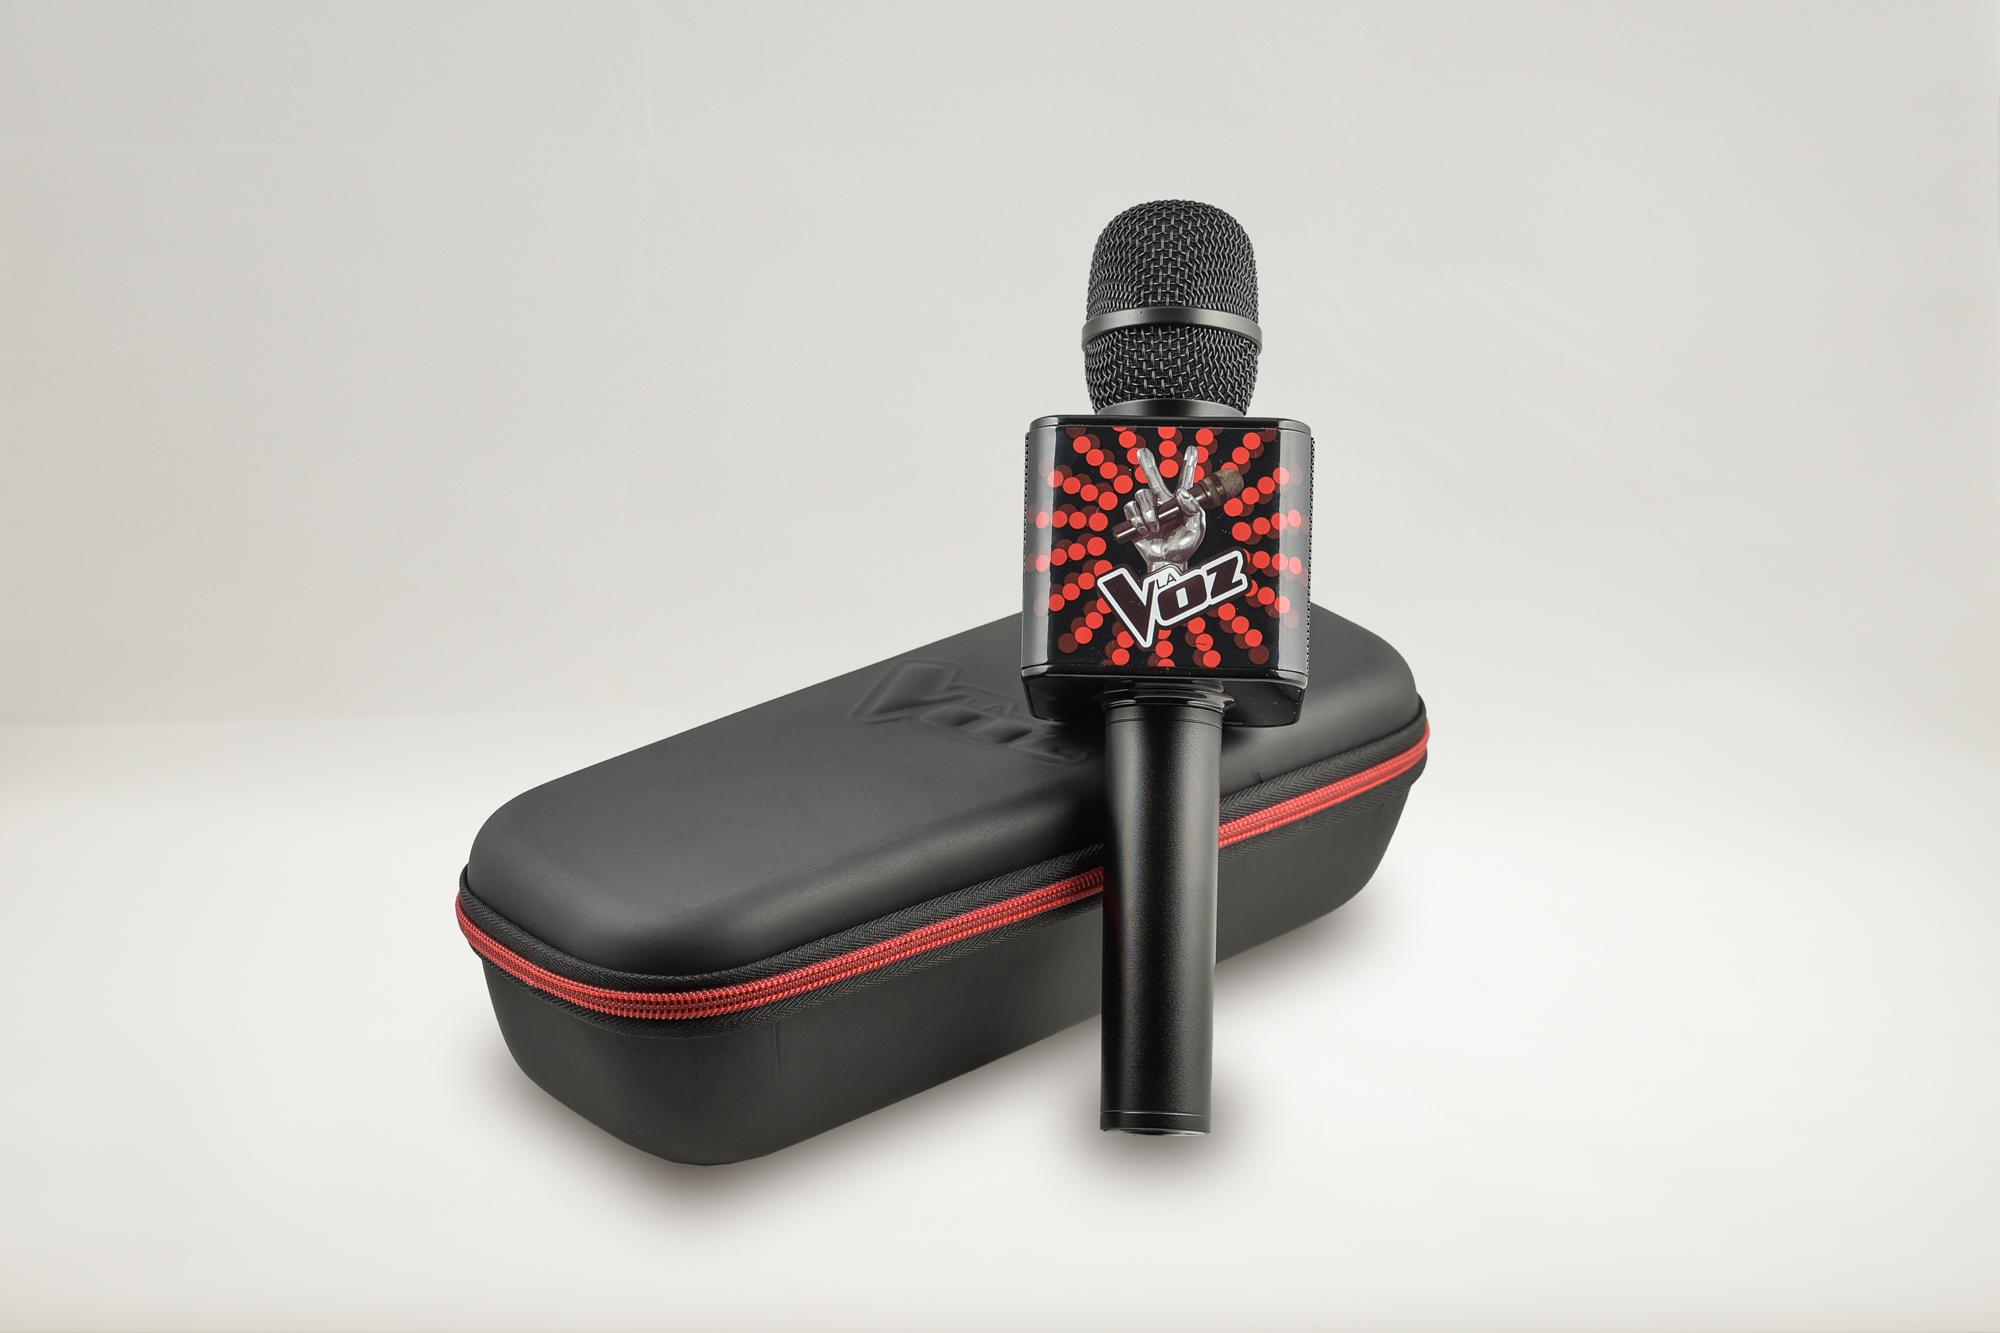 microfono la voz comprar